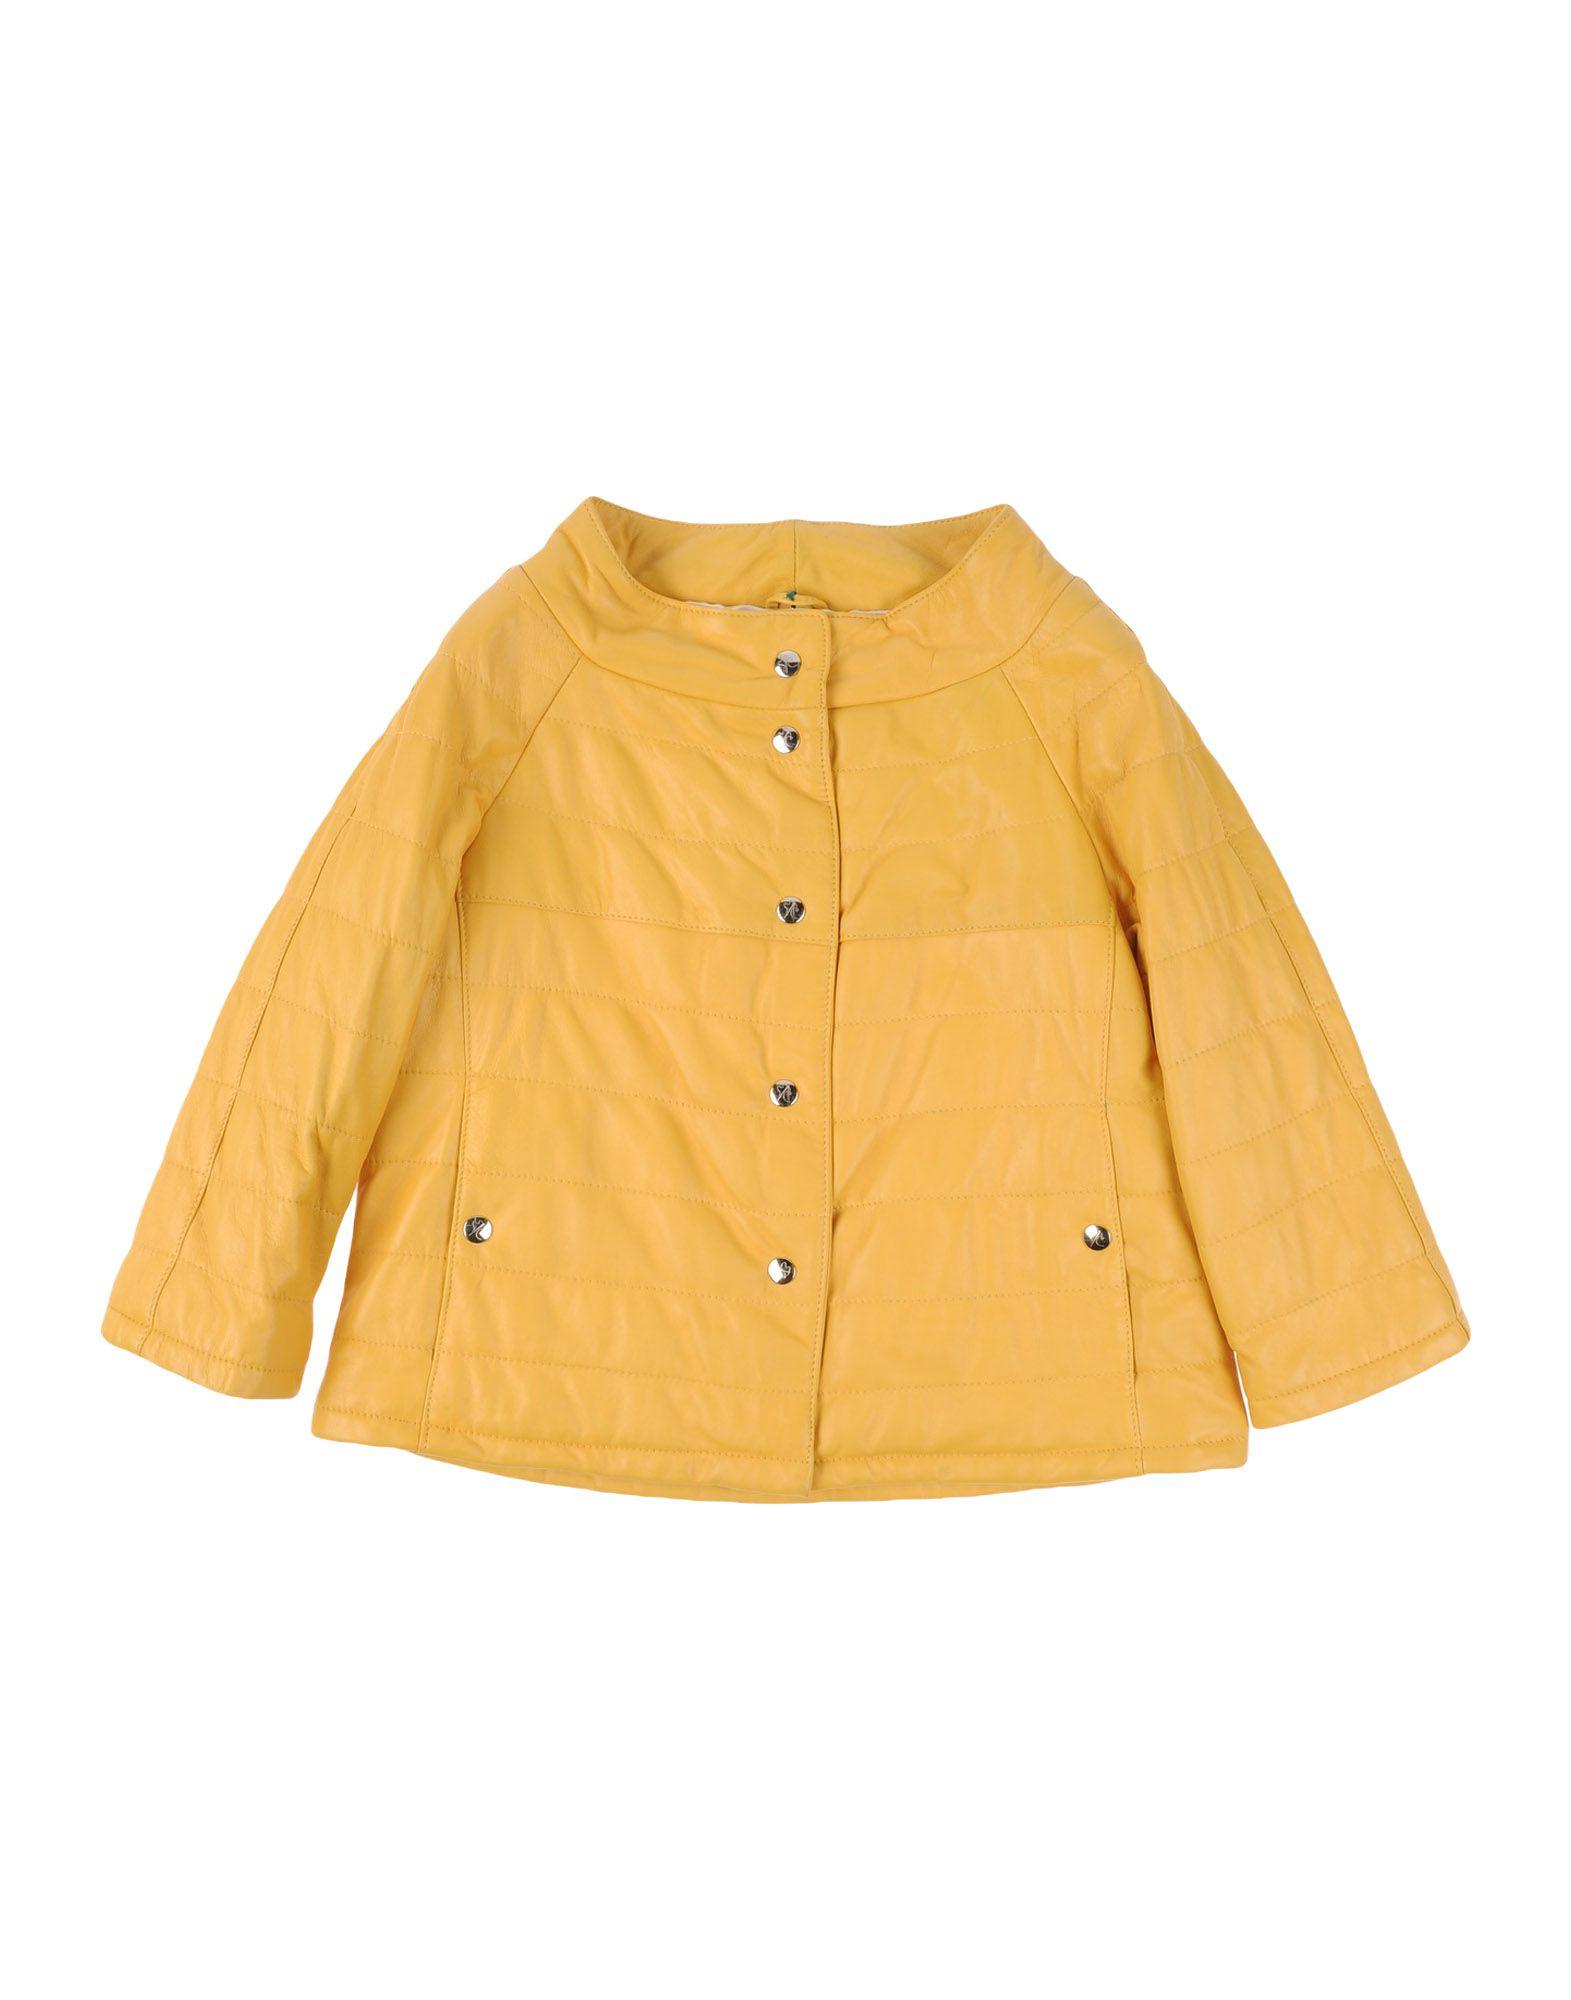 EMANUELE CURCI Jackets